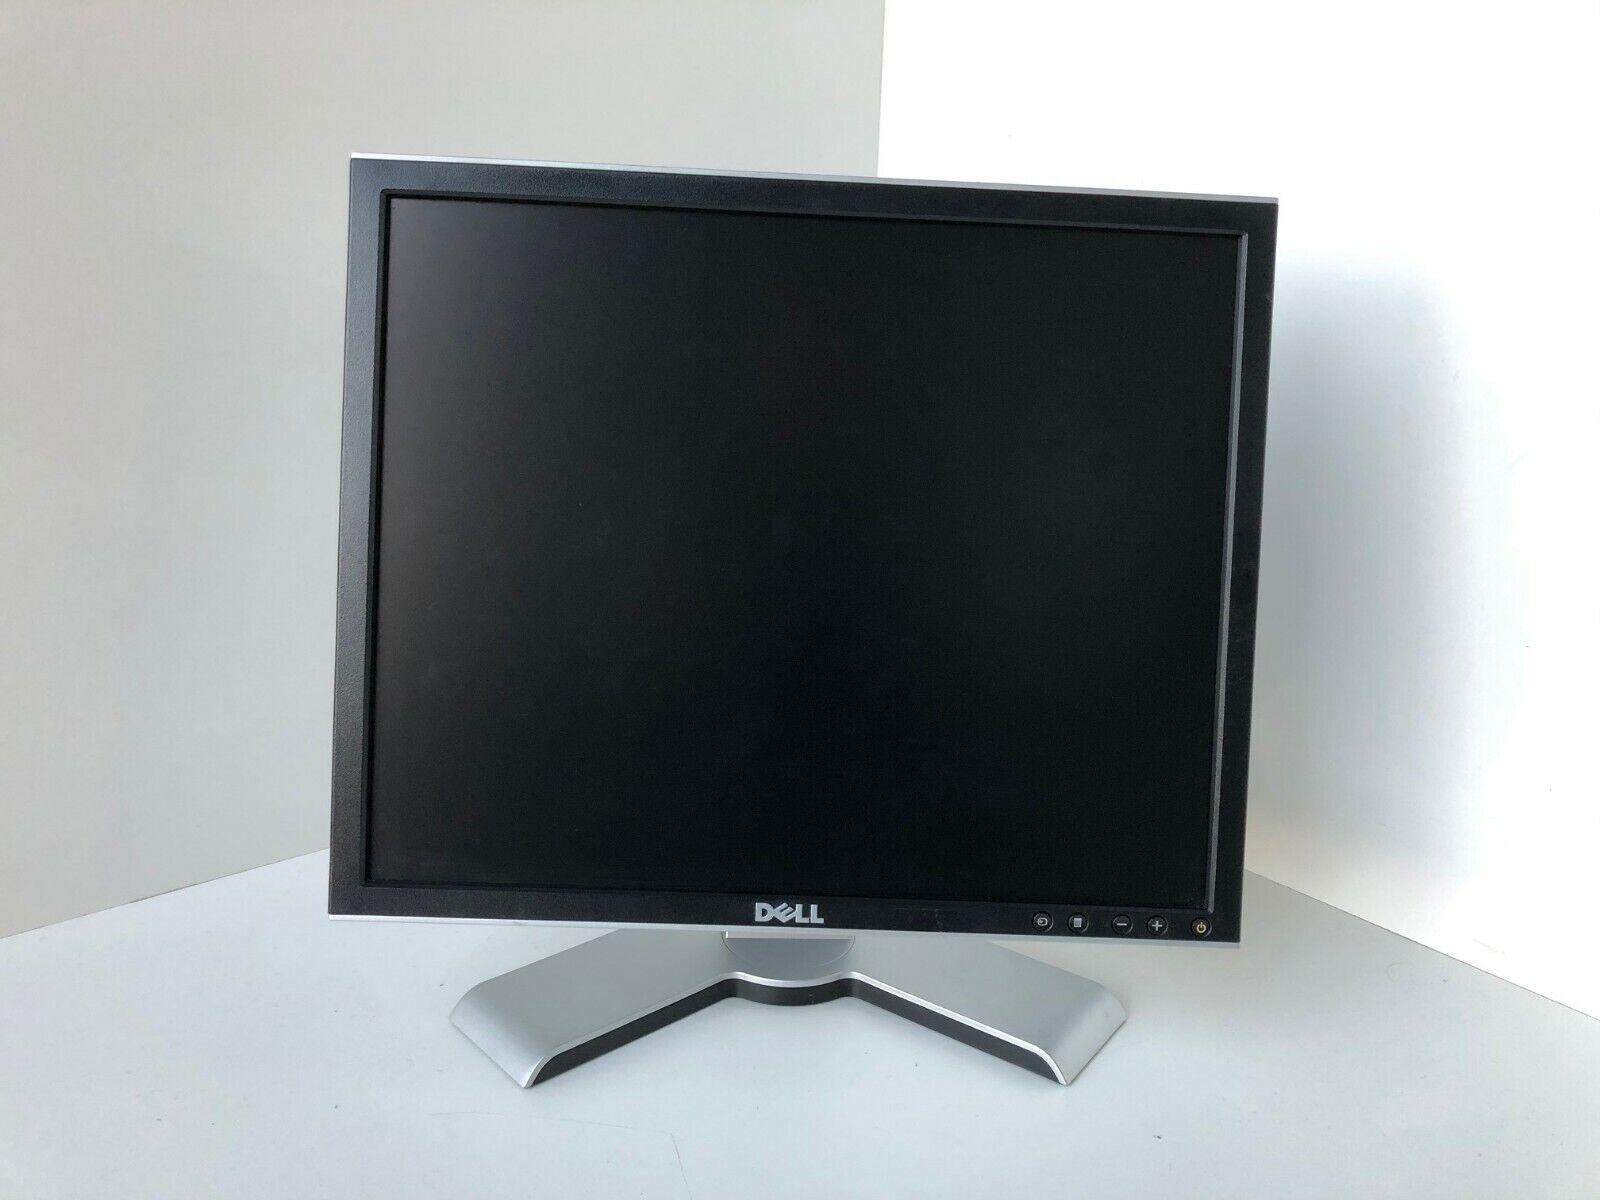 Dell 1908FPc 19 Zoll Monitor 1280x1024 5:4 VGA DVI USB mit Mwst